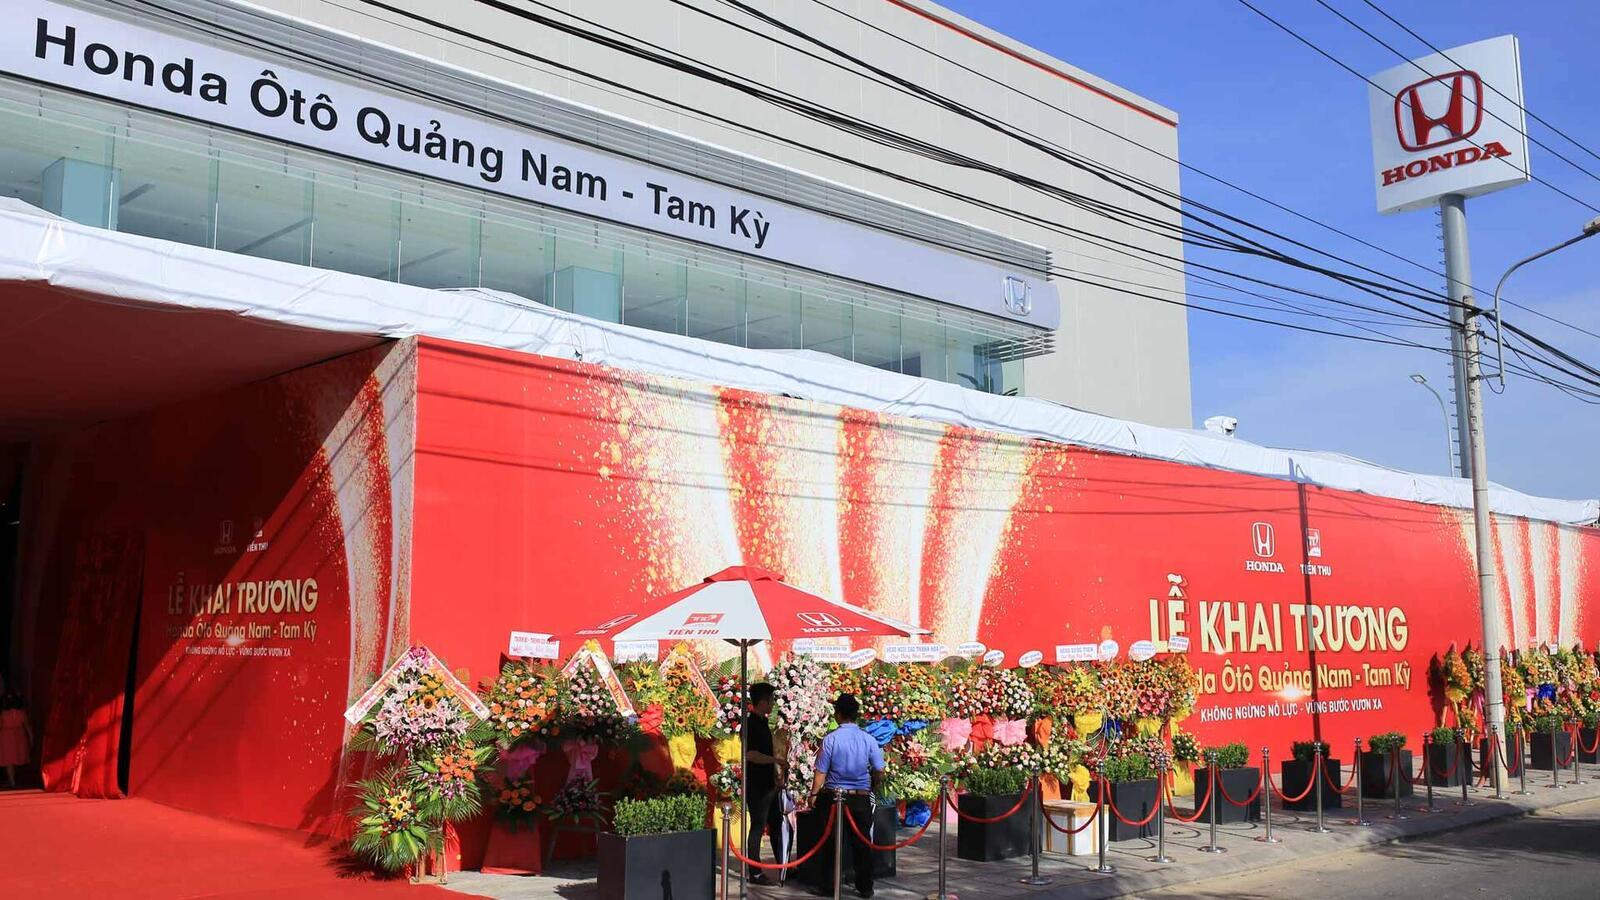 Honda Việt Nam khai trương đại lý tại Quảng Nam – Tam Kỳ, mở rộng thị trường khu vực miền Trung - Hình 1